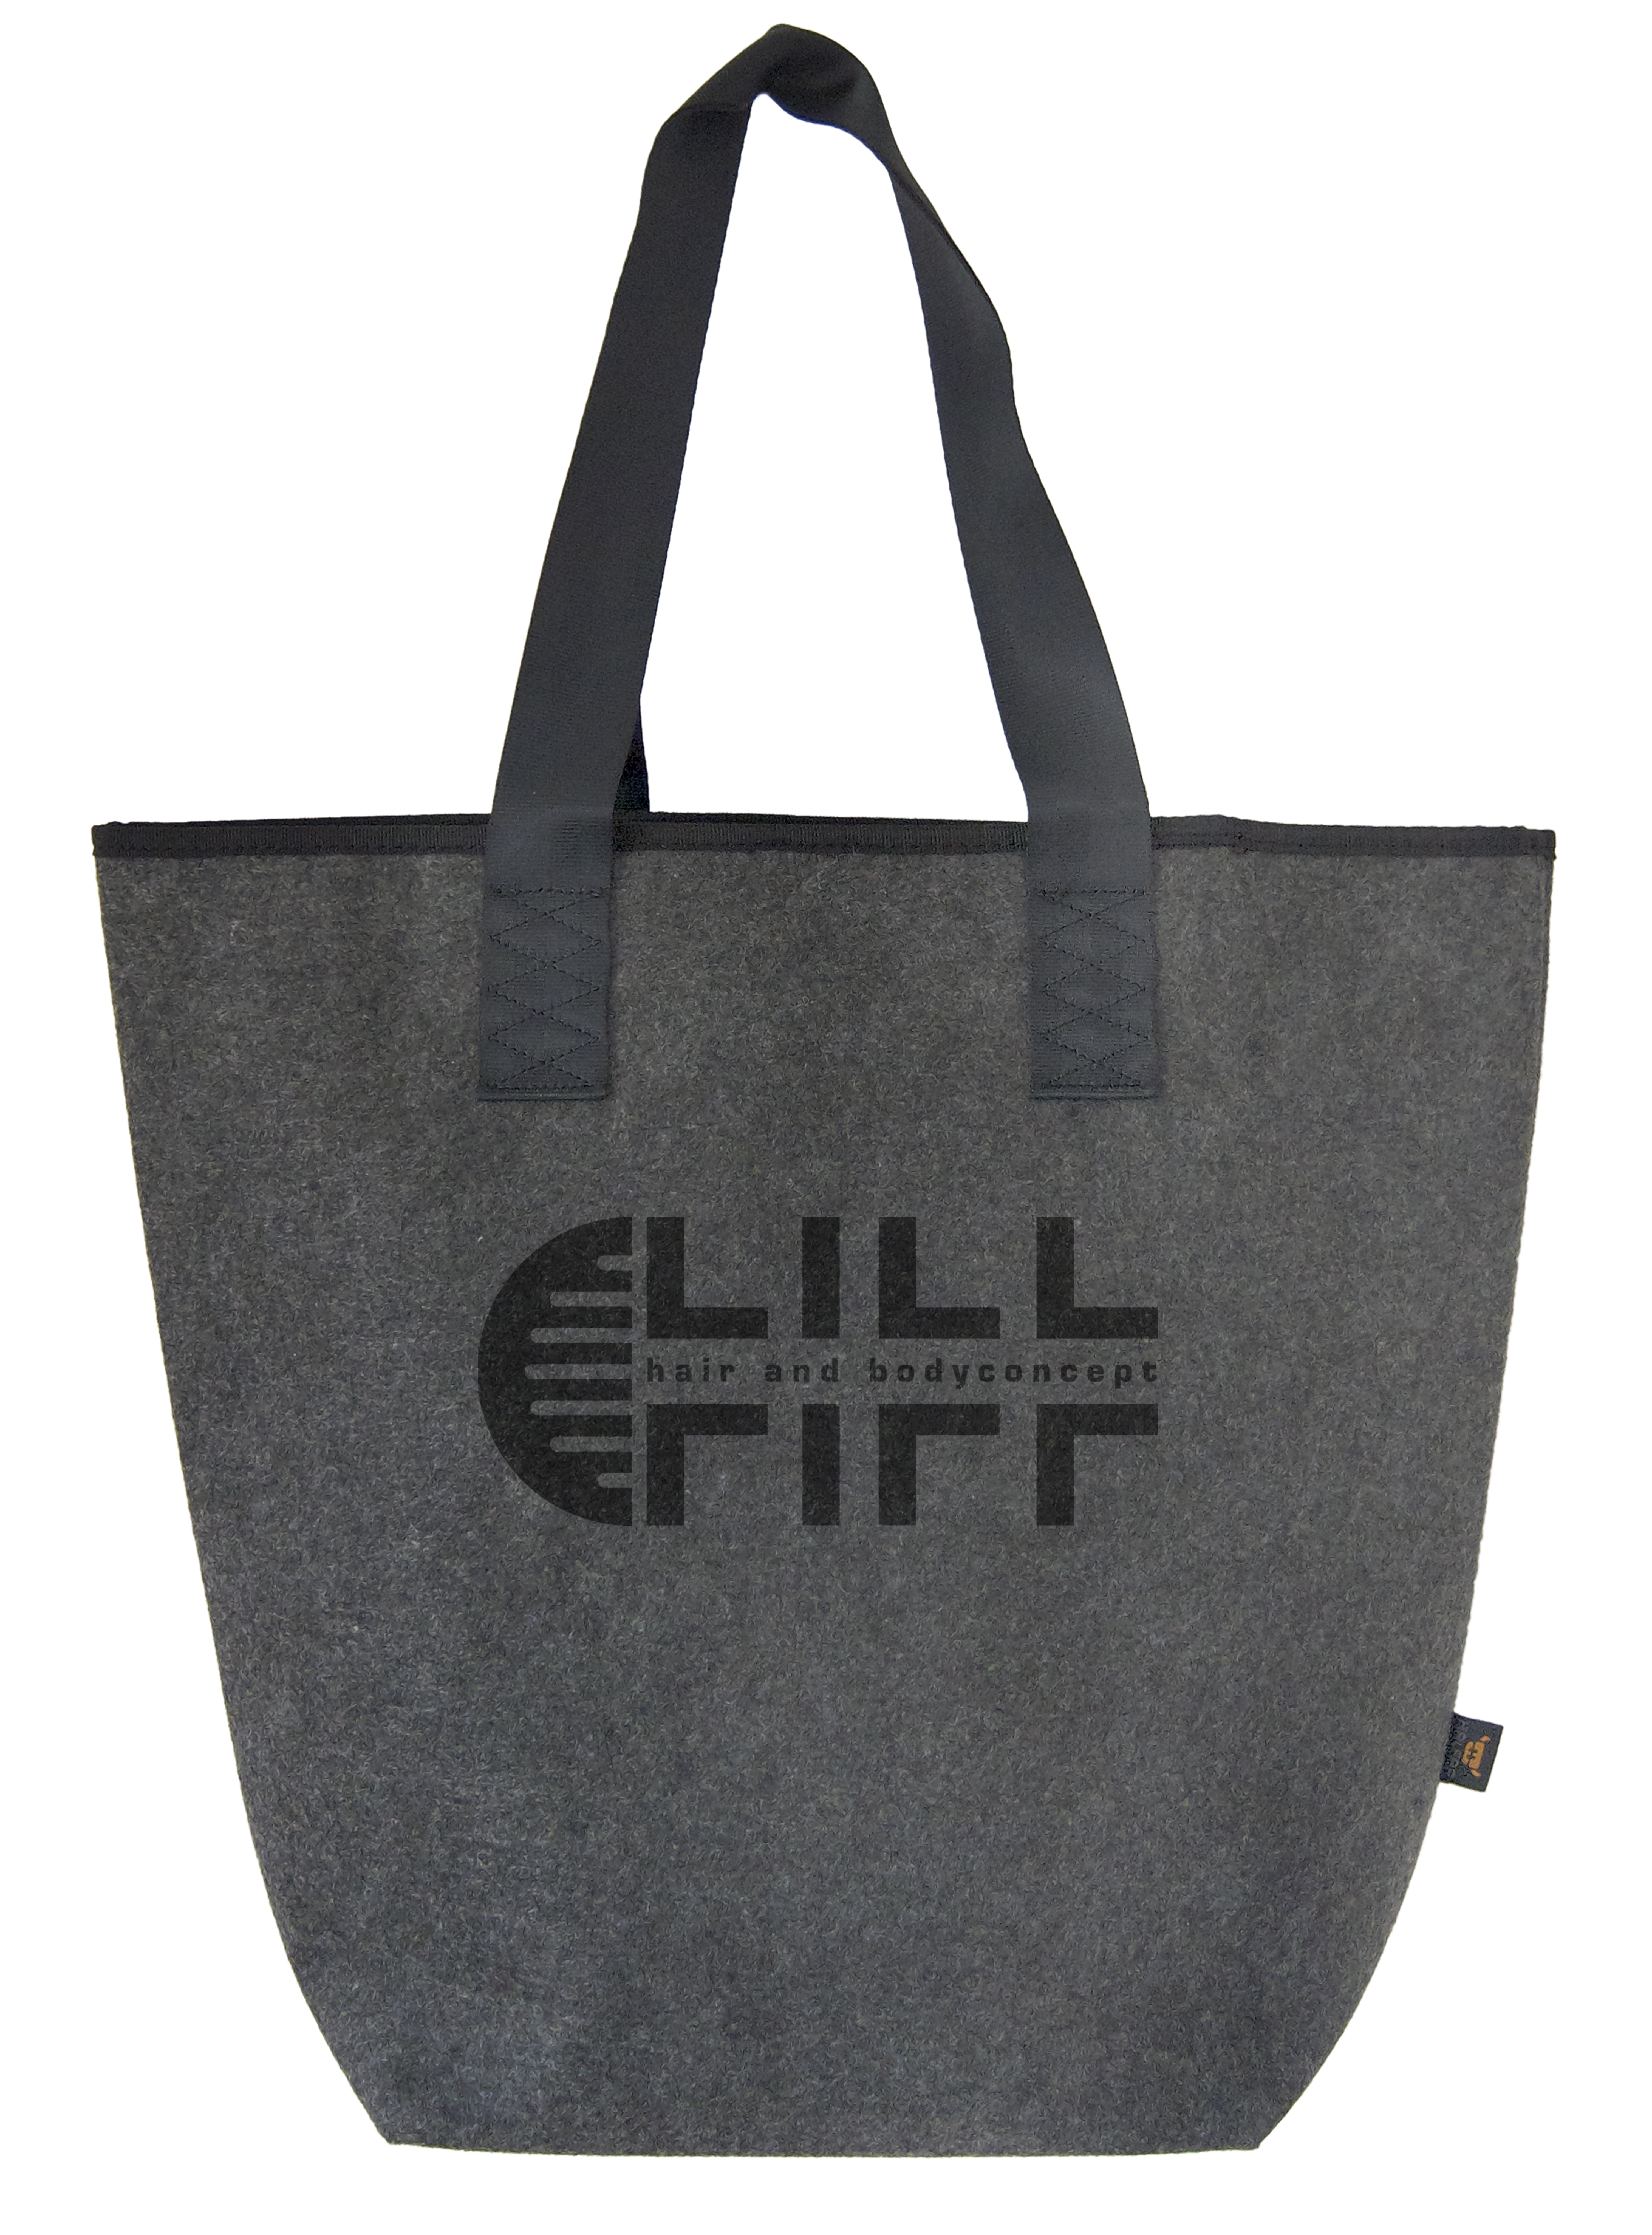 LILL&LILL Filz-Tragetasche